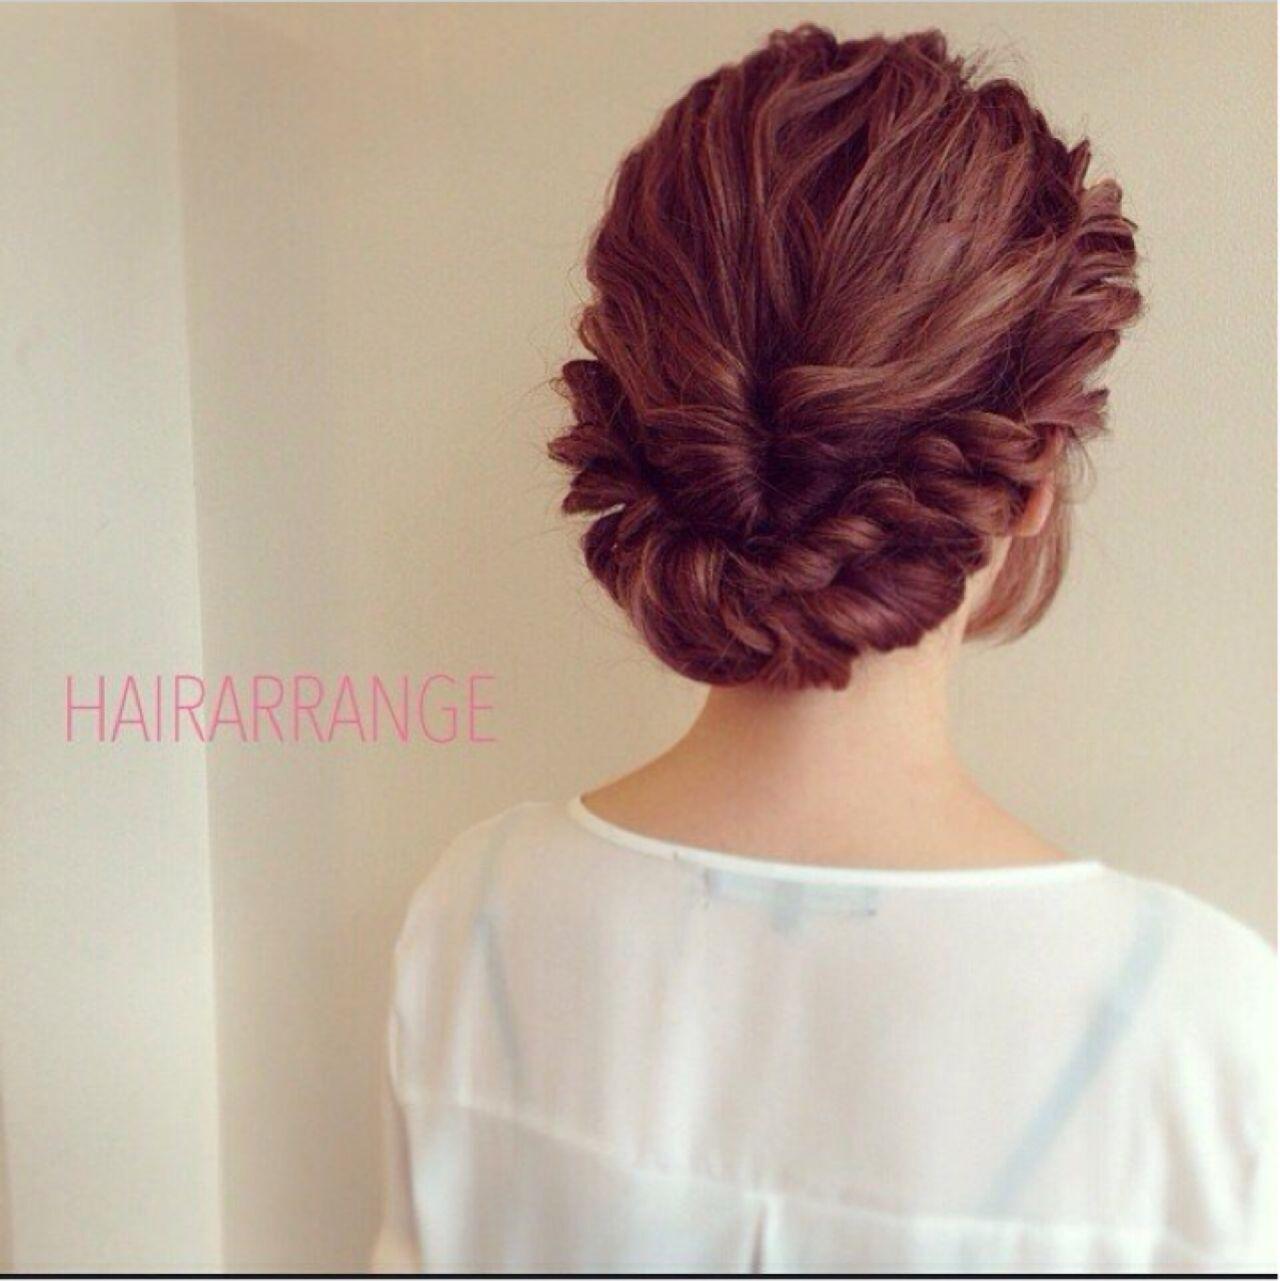 セミロング ナチュラル 簡単ヘアアレンジ ヘアアレンジヘアスタイルや髪型の写真・画像